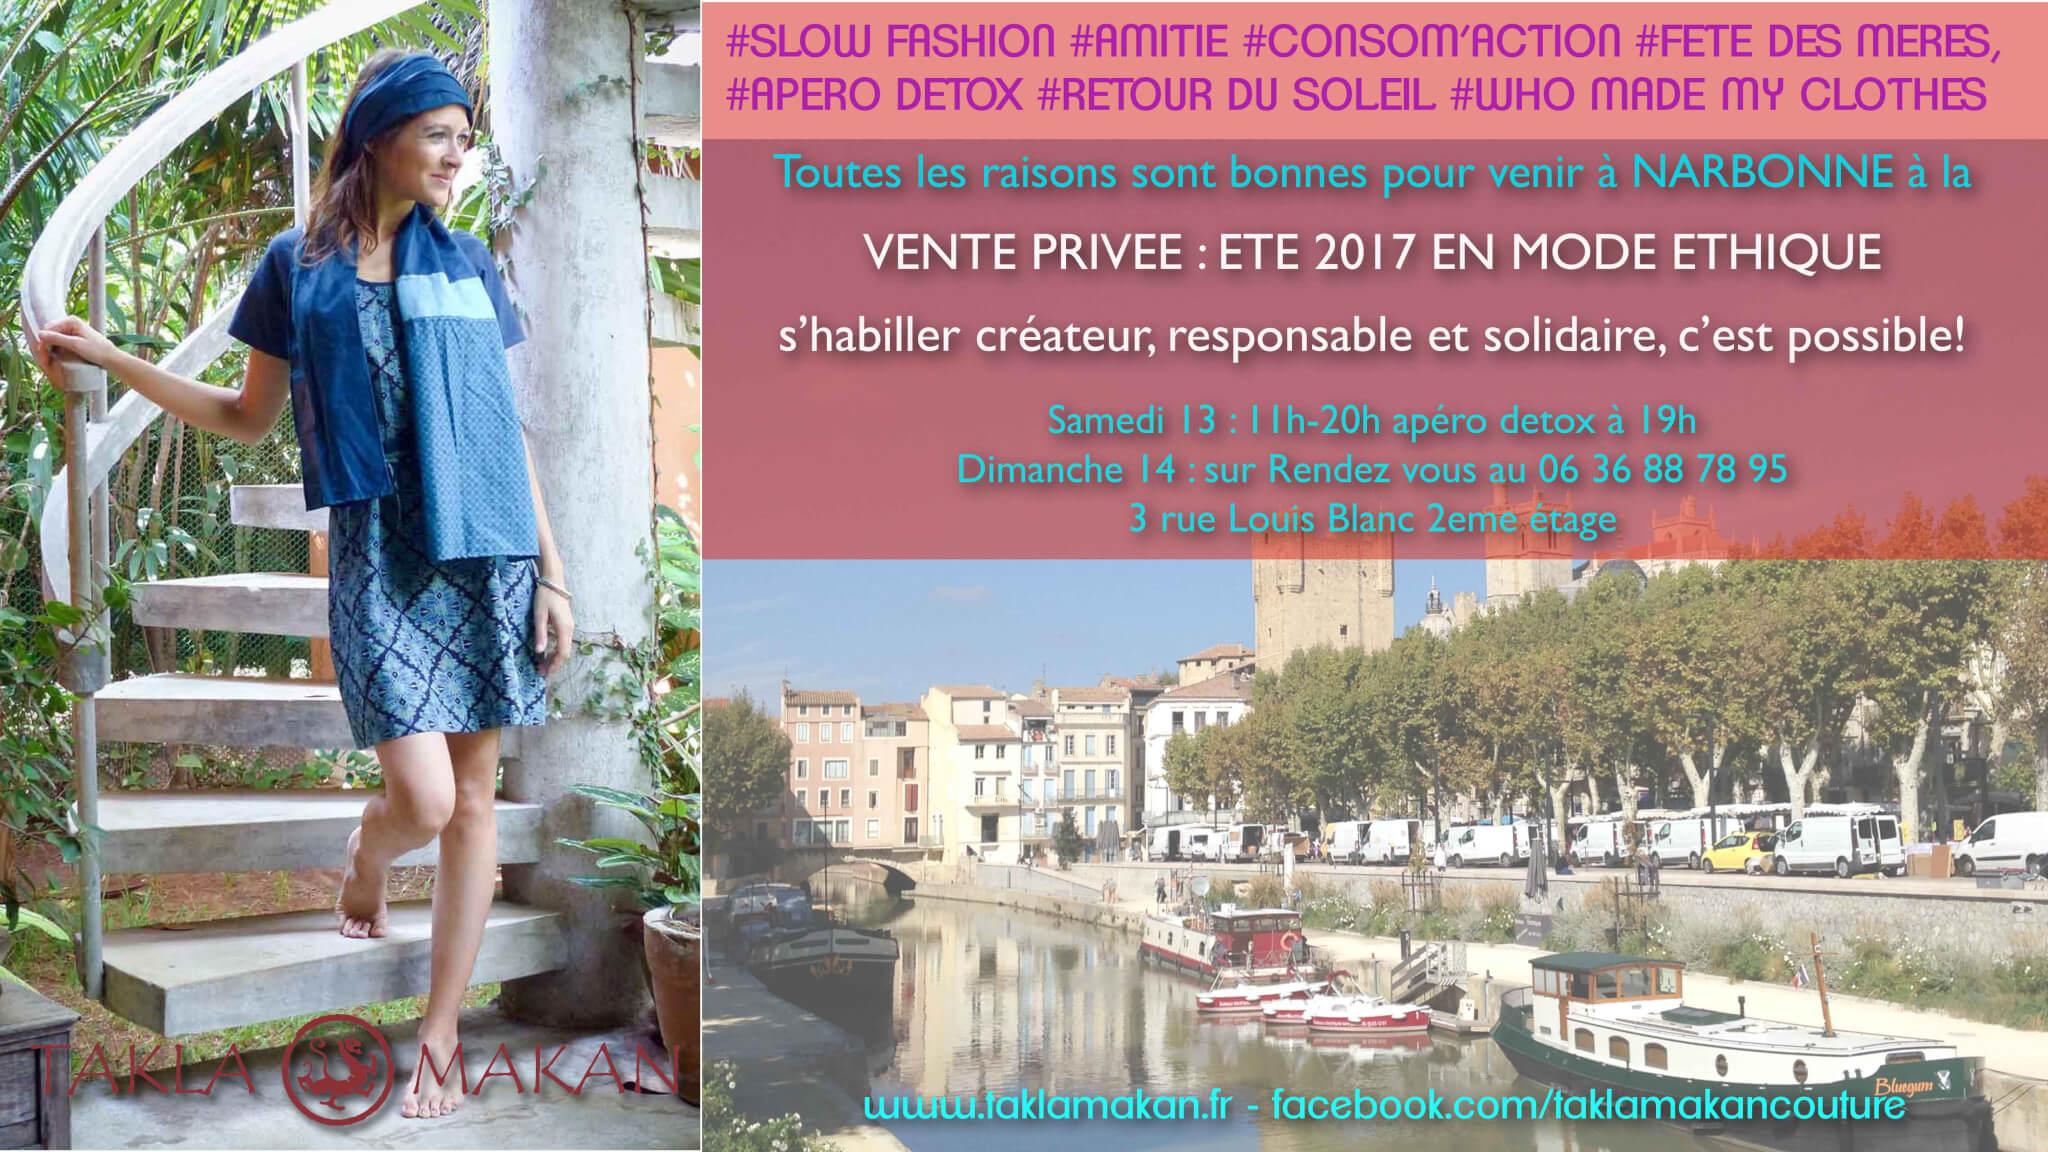 vente Takla Makan slow fashion à Narbonne